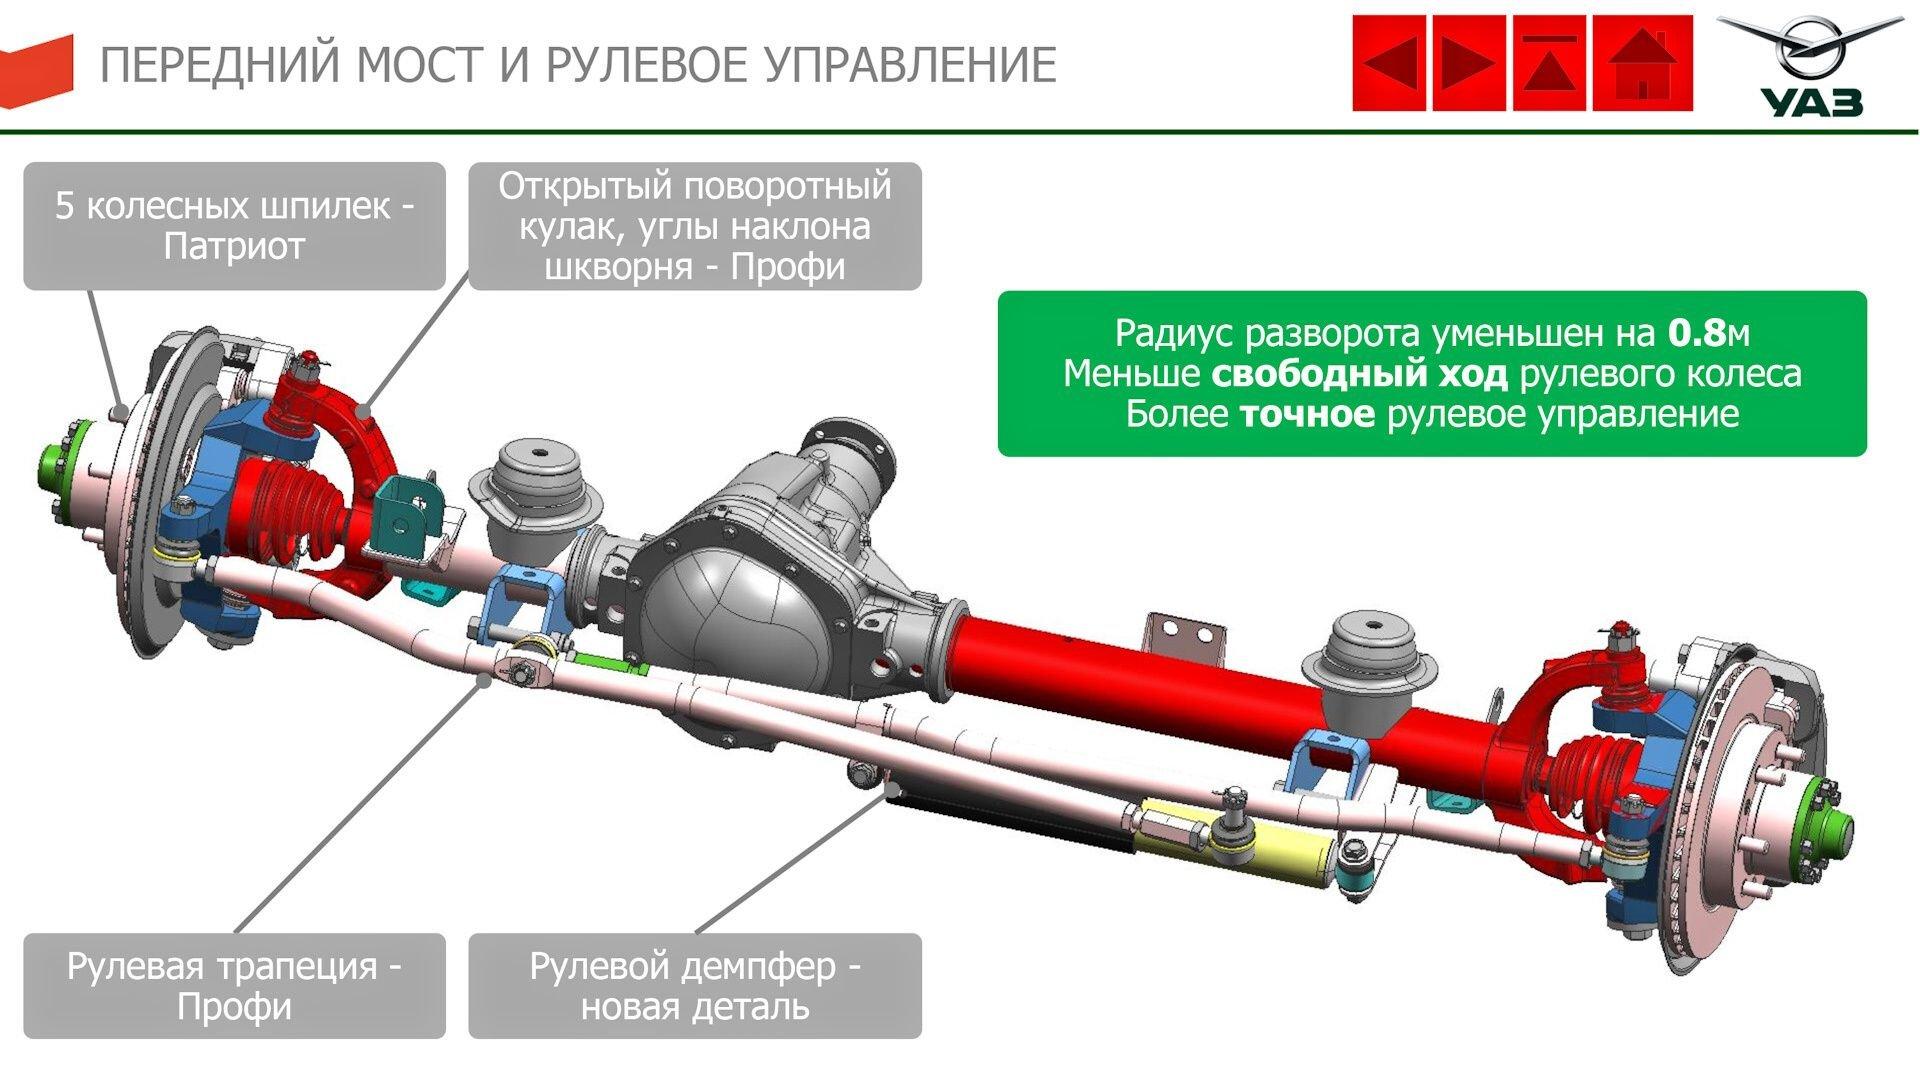 передний мост и рулевое управление УАЗ Патриот 2019—2020